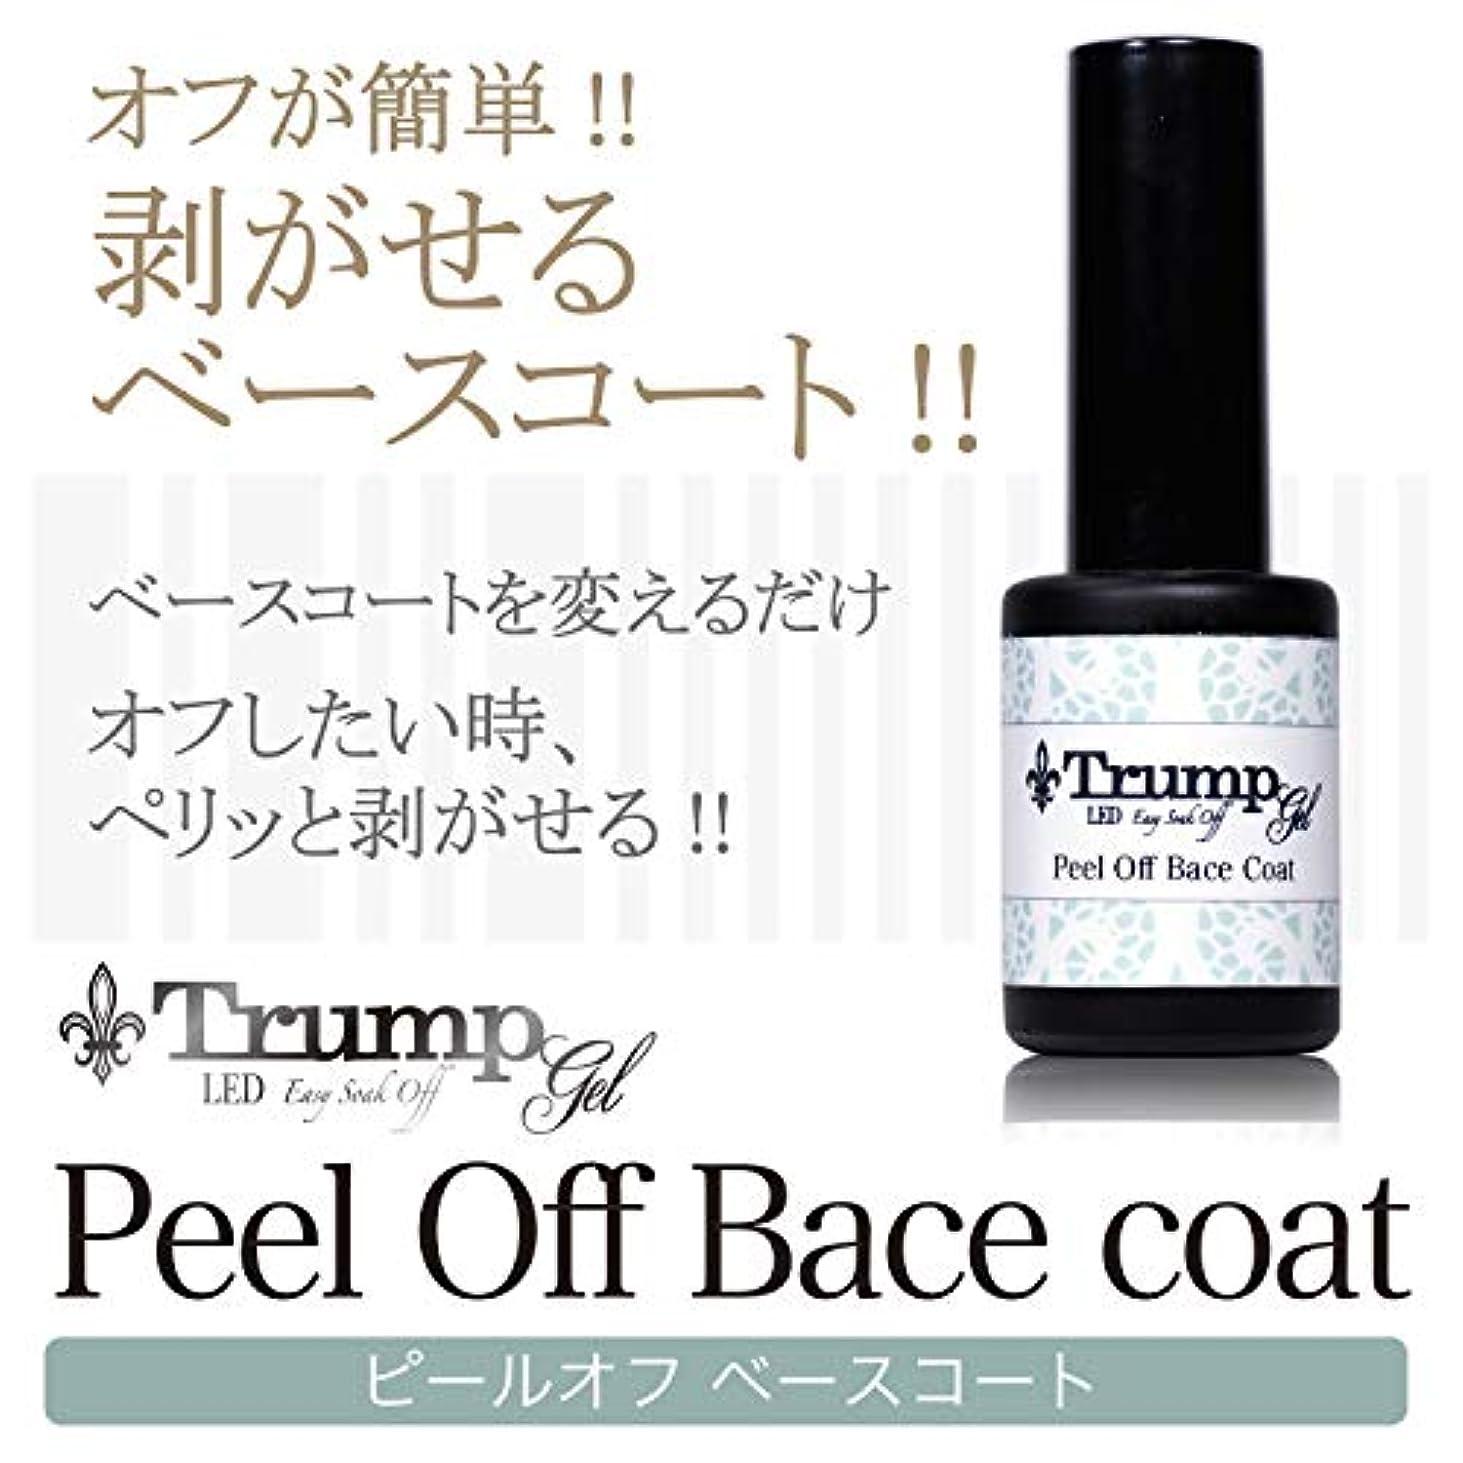 十分なルネッサンス乱暴な【日本製】Trump Gel ジェルネイルUV LED 剥がせるピールオフベースジェル大容量10g